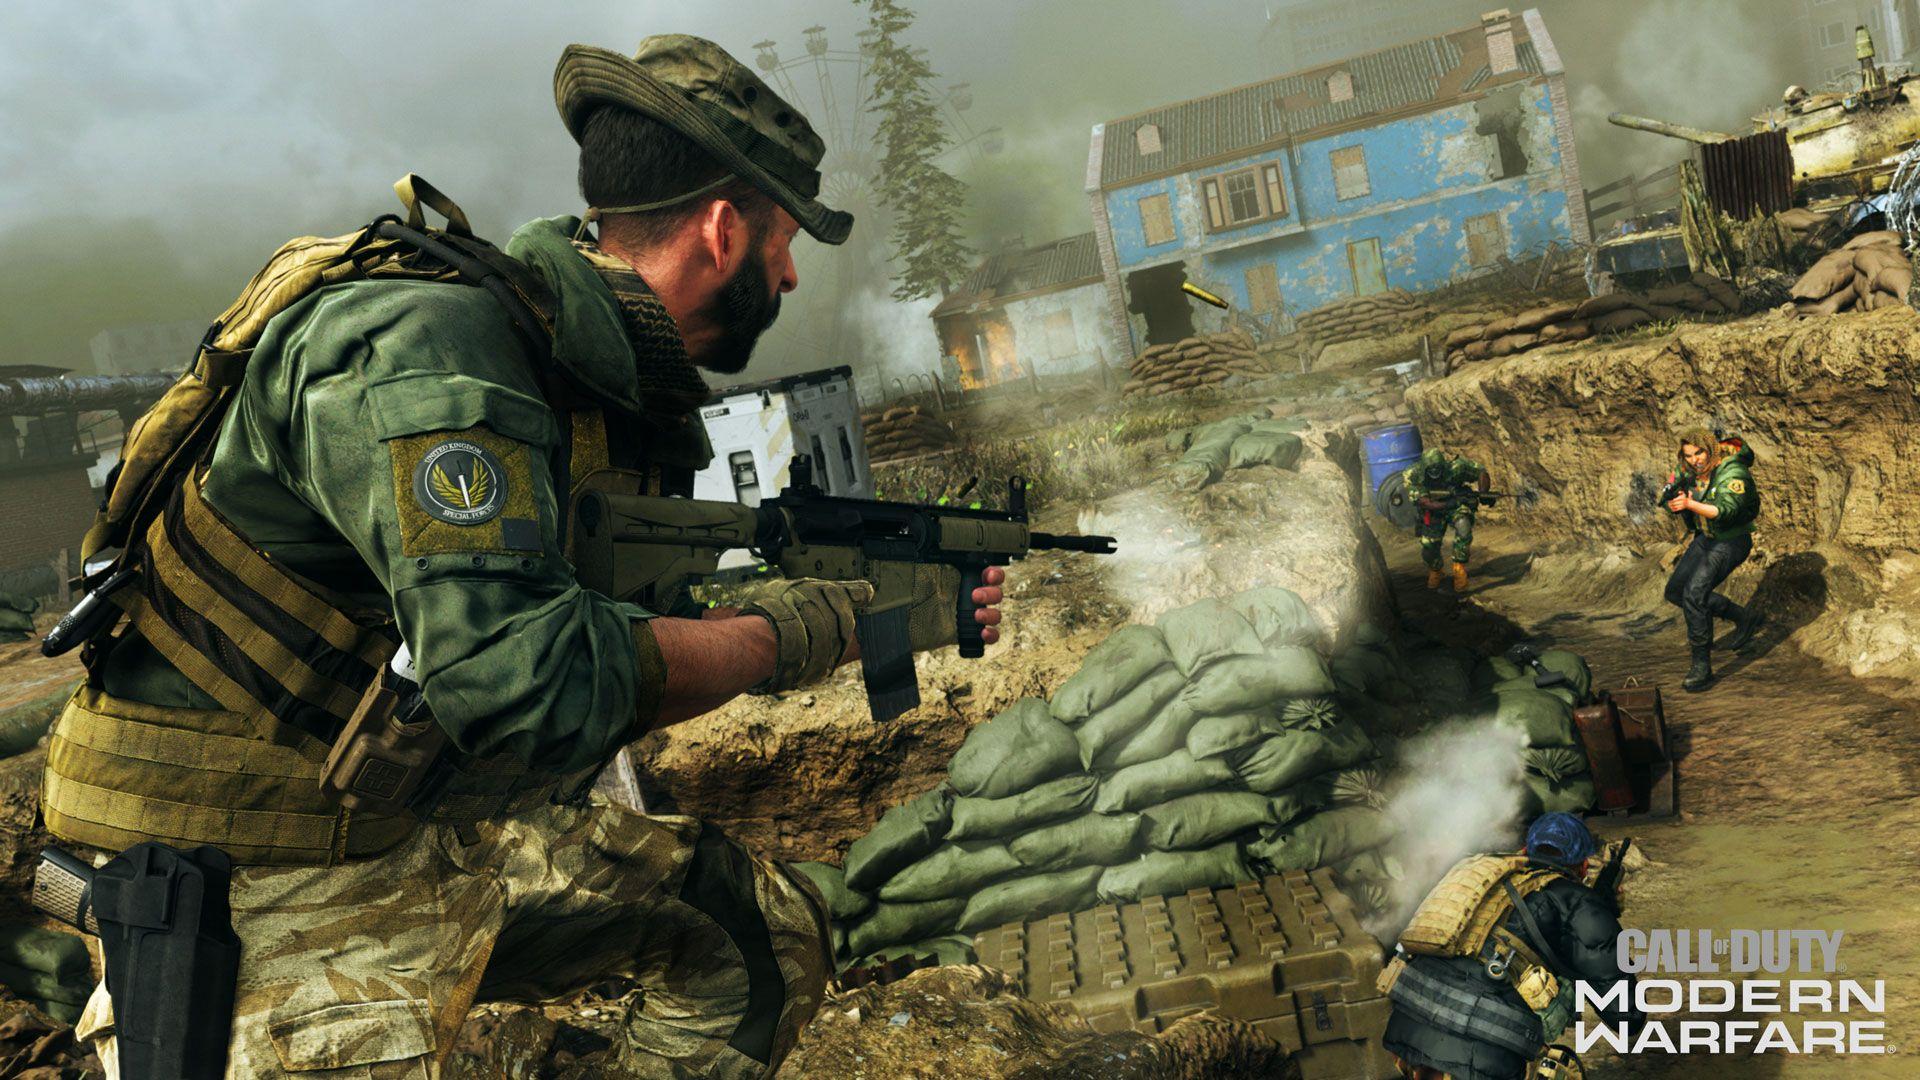 Pin On Call Of Duty War Zone Backyard bbq modern warfare